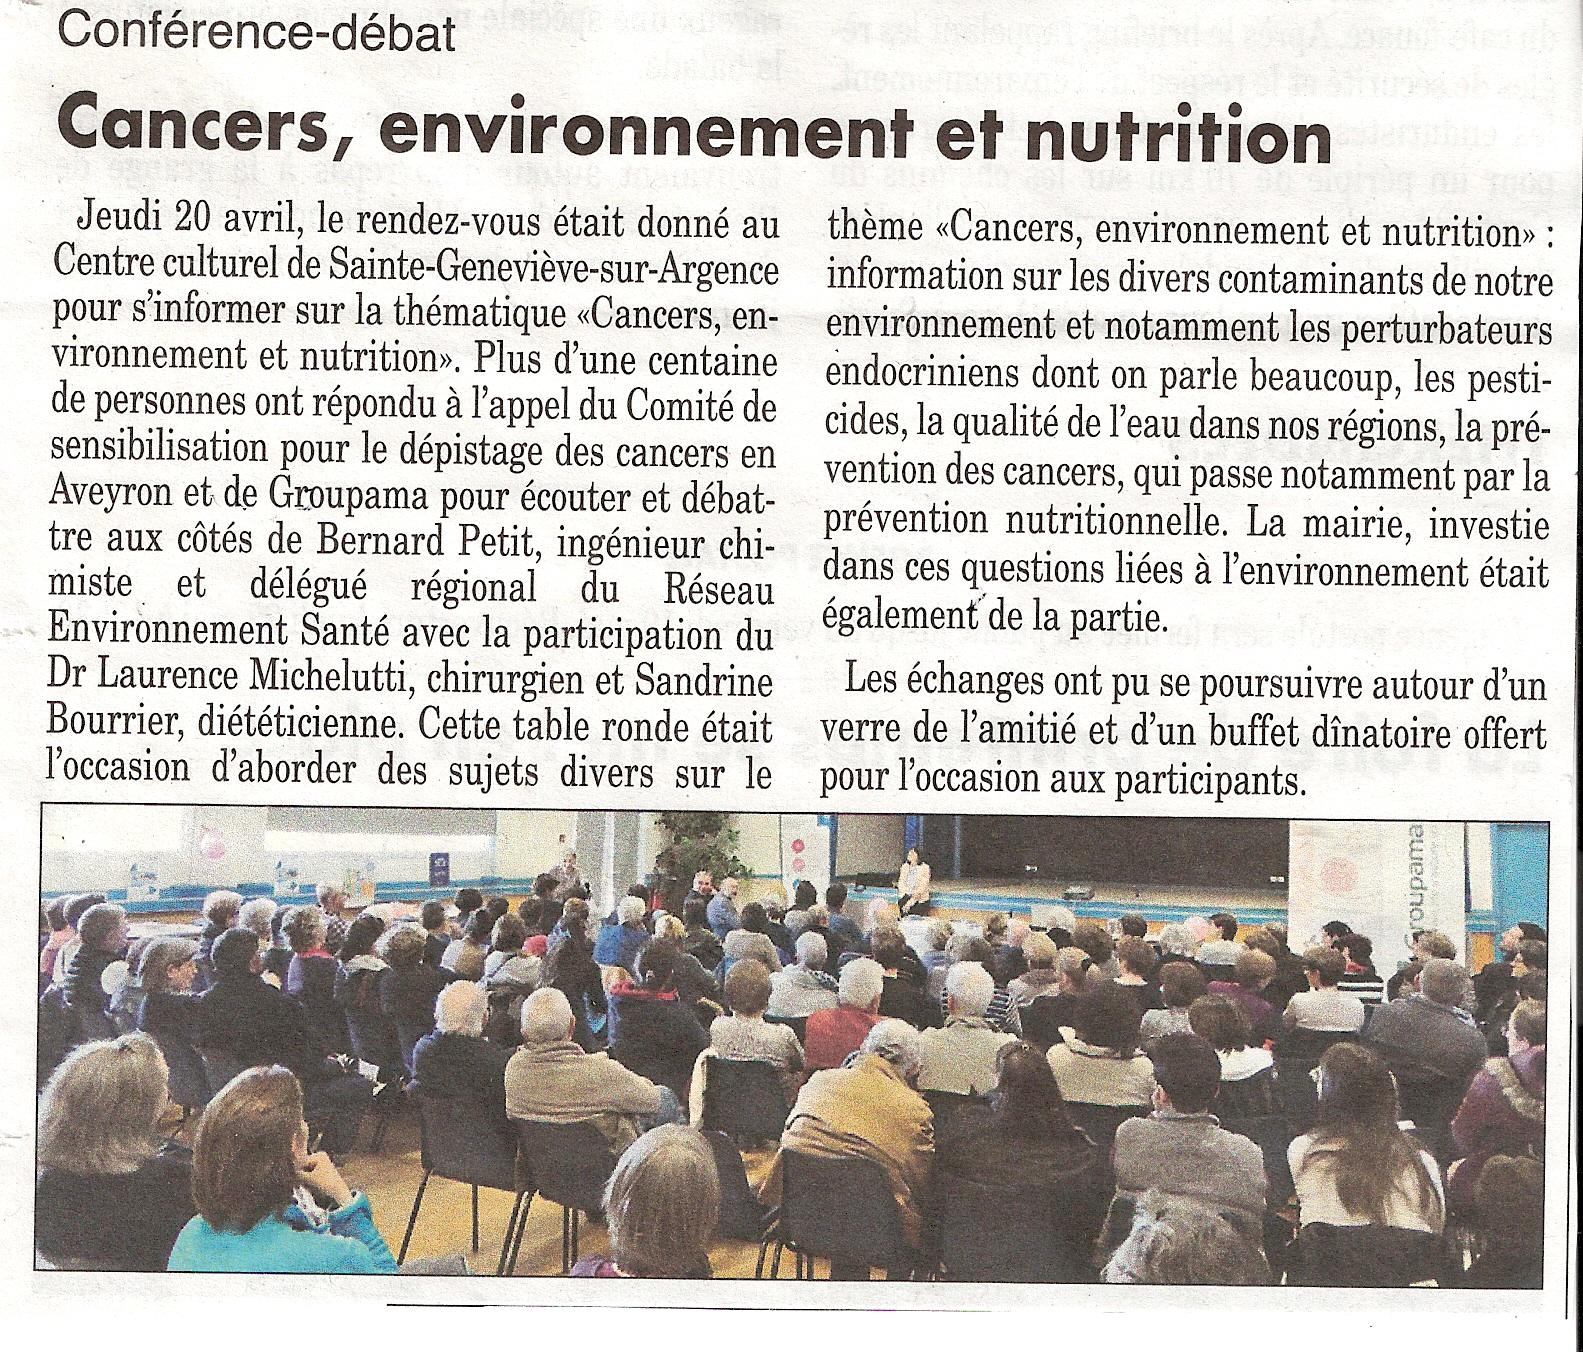 Cancers, environnement et nutrition